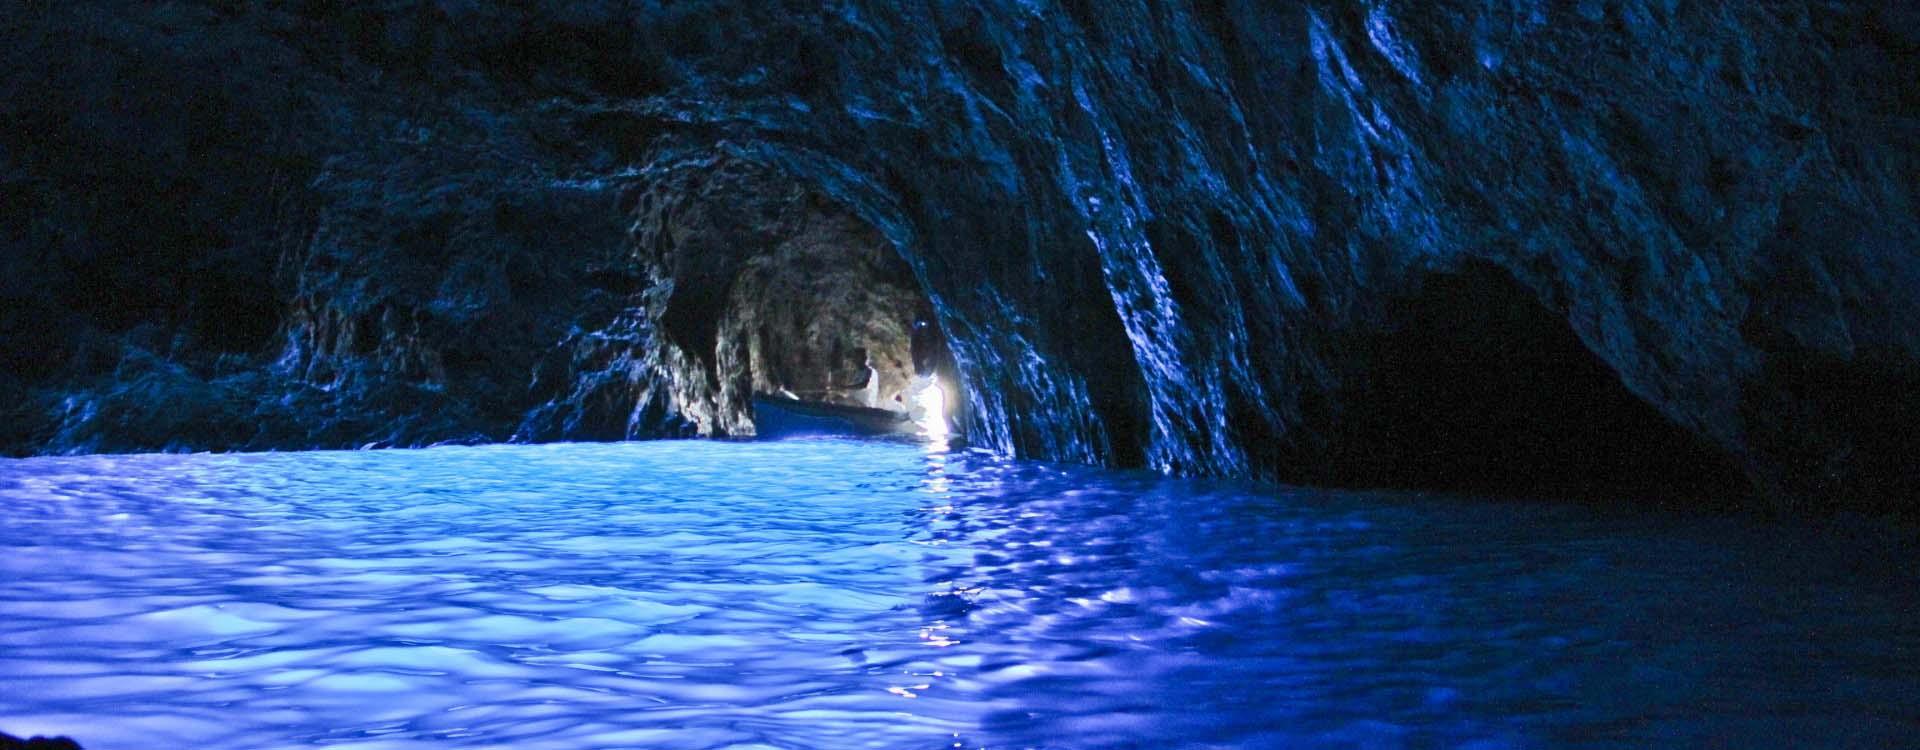 Blue Grotto Cave in Capri Italy 2